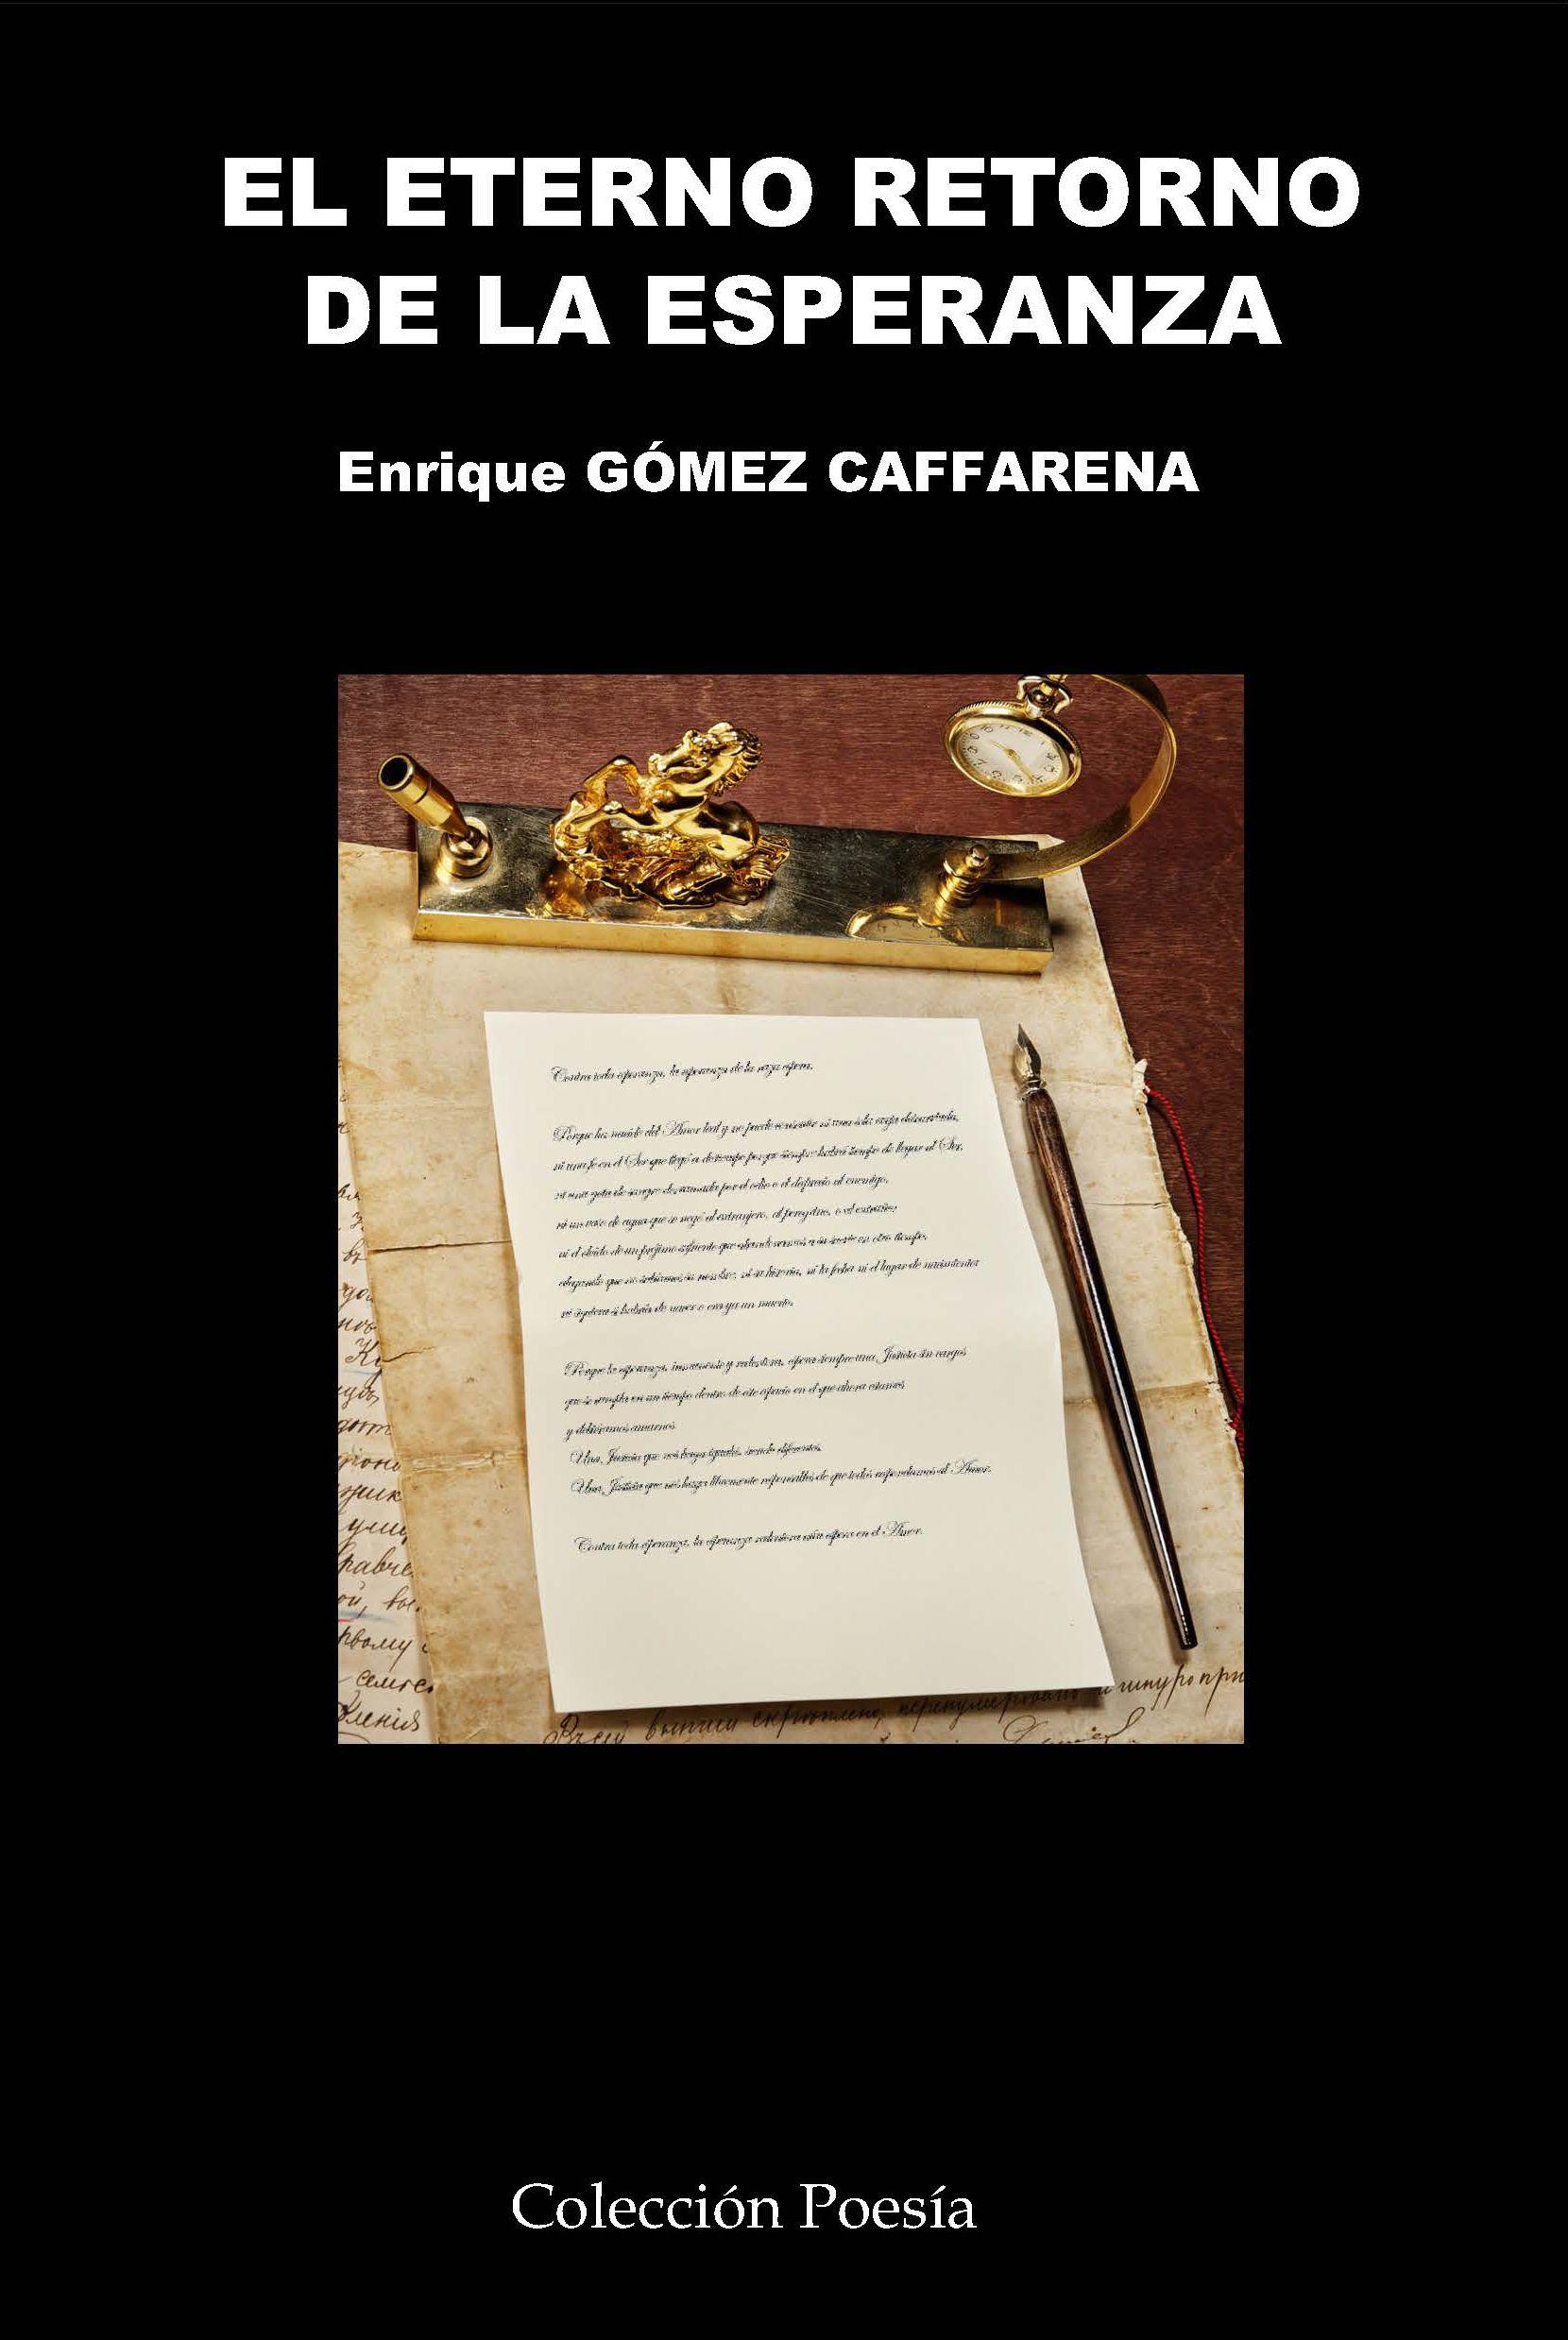 Enrique Gómez Caffarena es el escritor de El amor que mueve la historia y El eterno retorno de la esperanza. El poeta acaba de publicar un libro de poesía con la Editorial Poesía eres tú